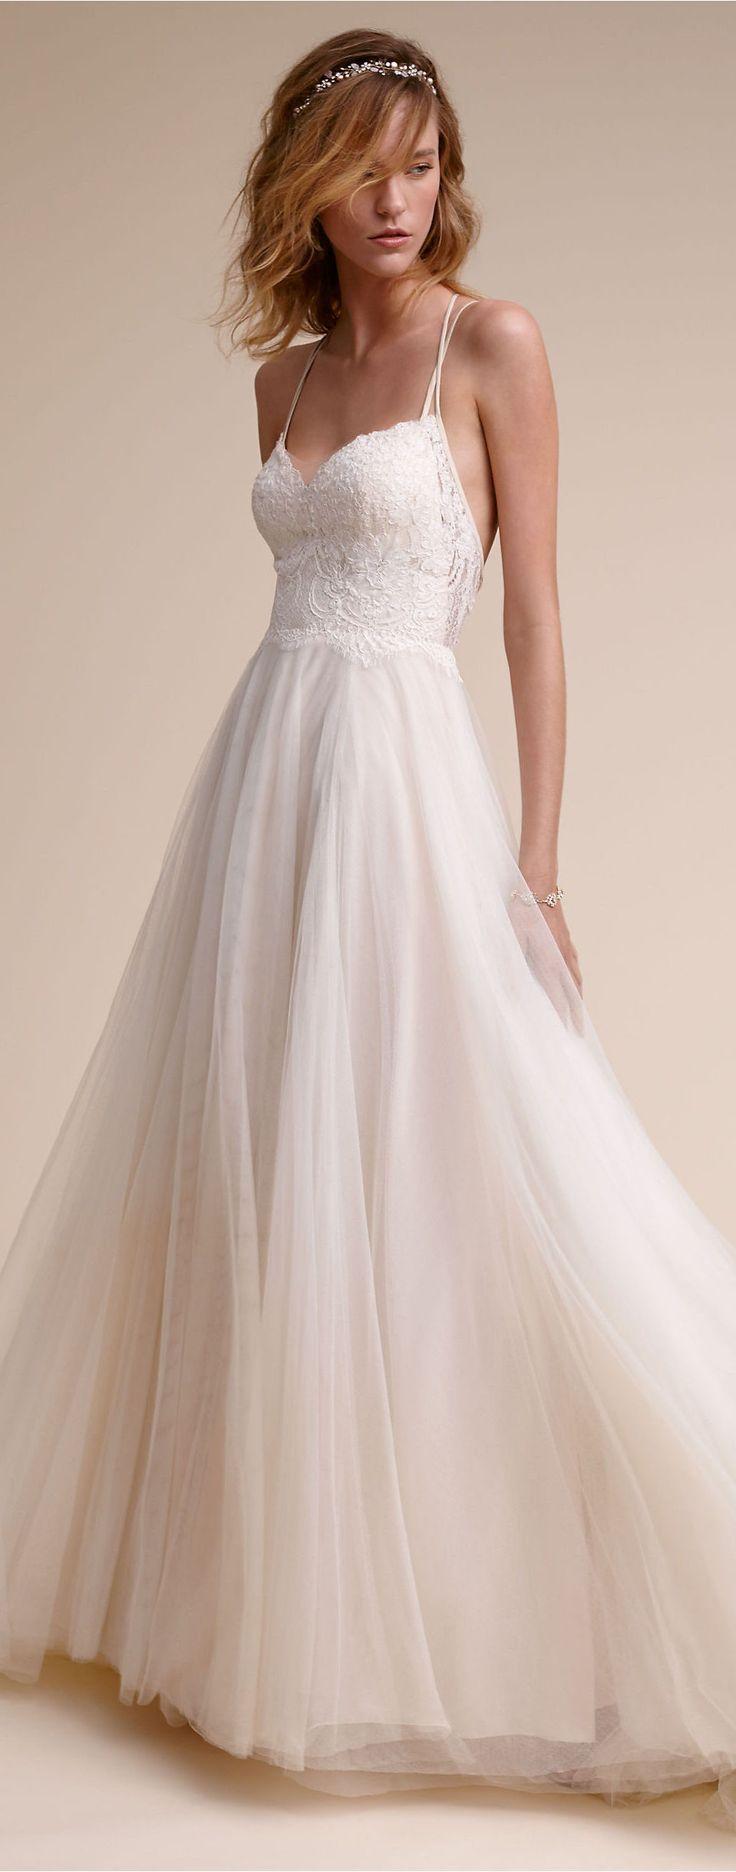 Hochzeitskleid aus Spitze und Tüll, dünne Träger